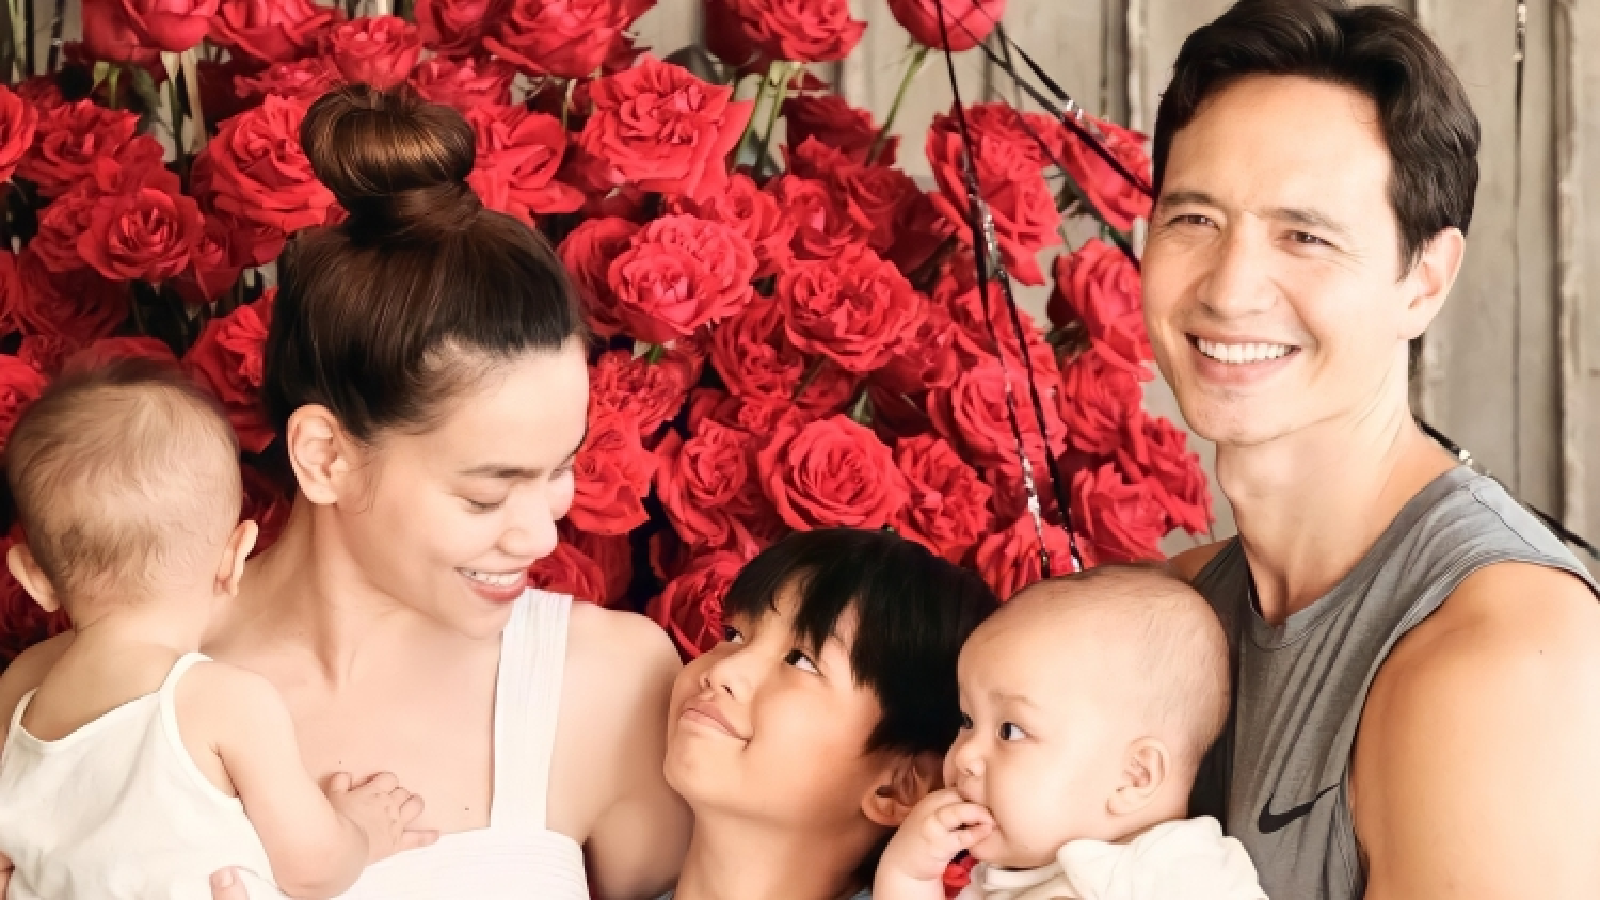 Hồ Ngọc Hà và dàn sao Việt chia sẻ khoảnh khắc hạnh phúc trong ngày Gia đình Việt Nam